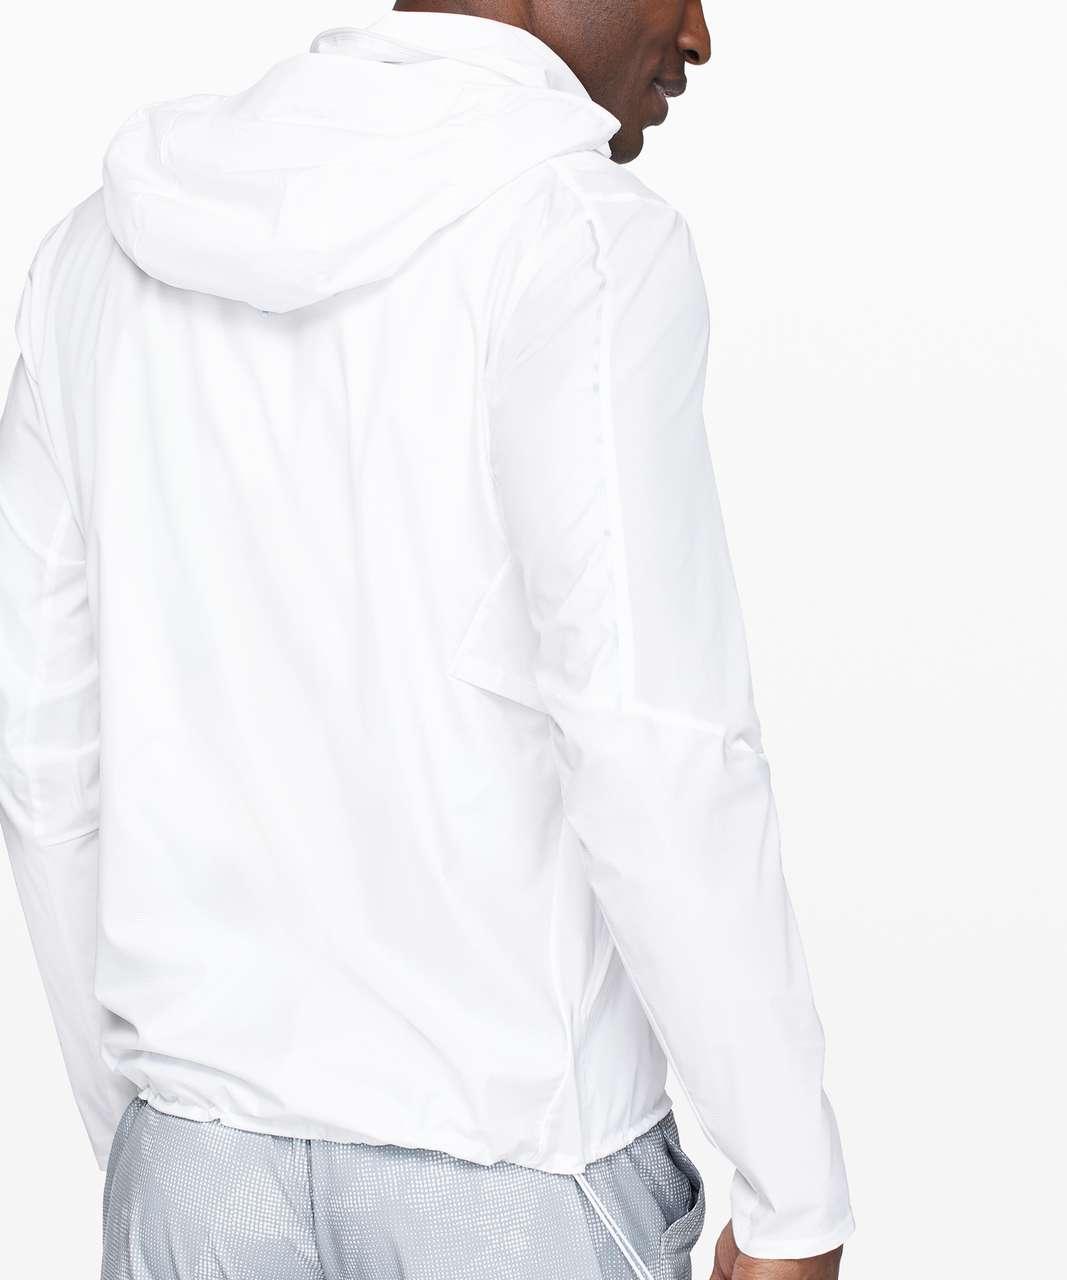 Lululemon Active Jacket - White